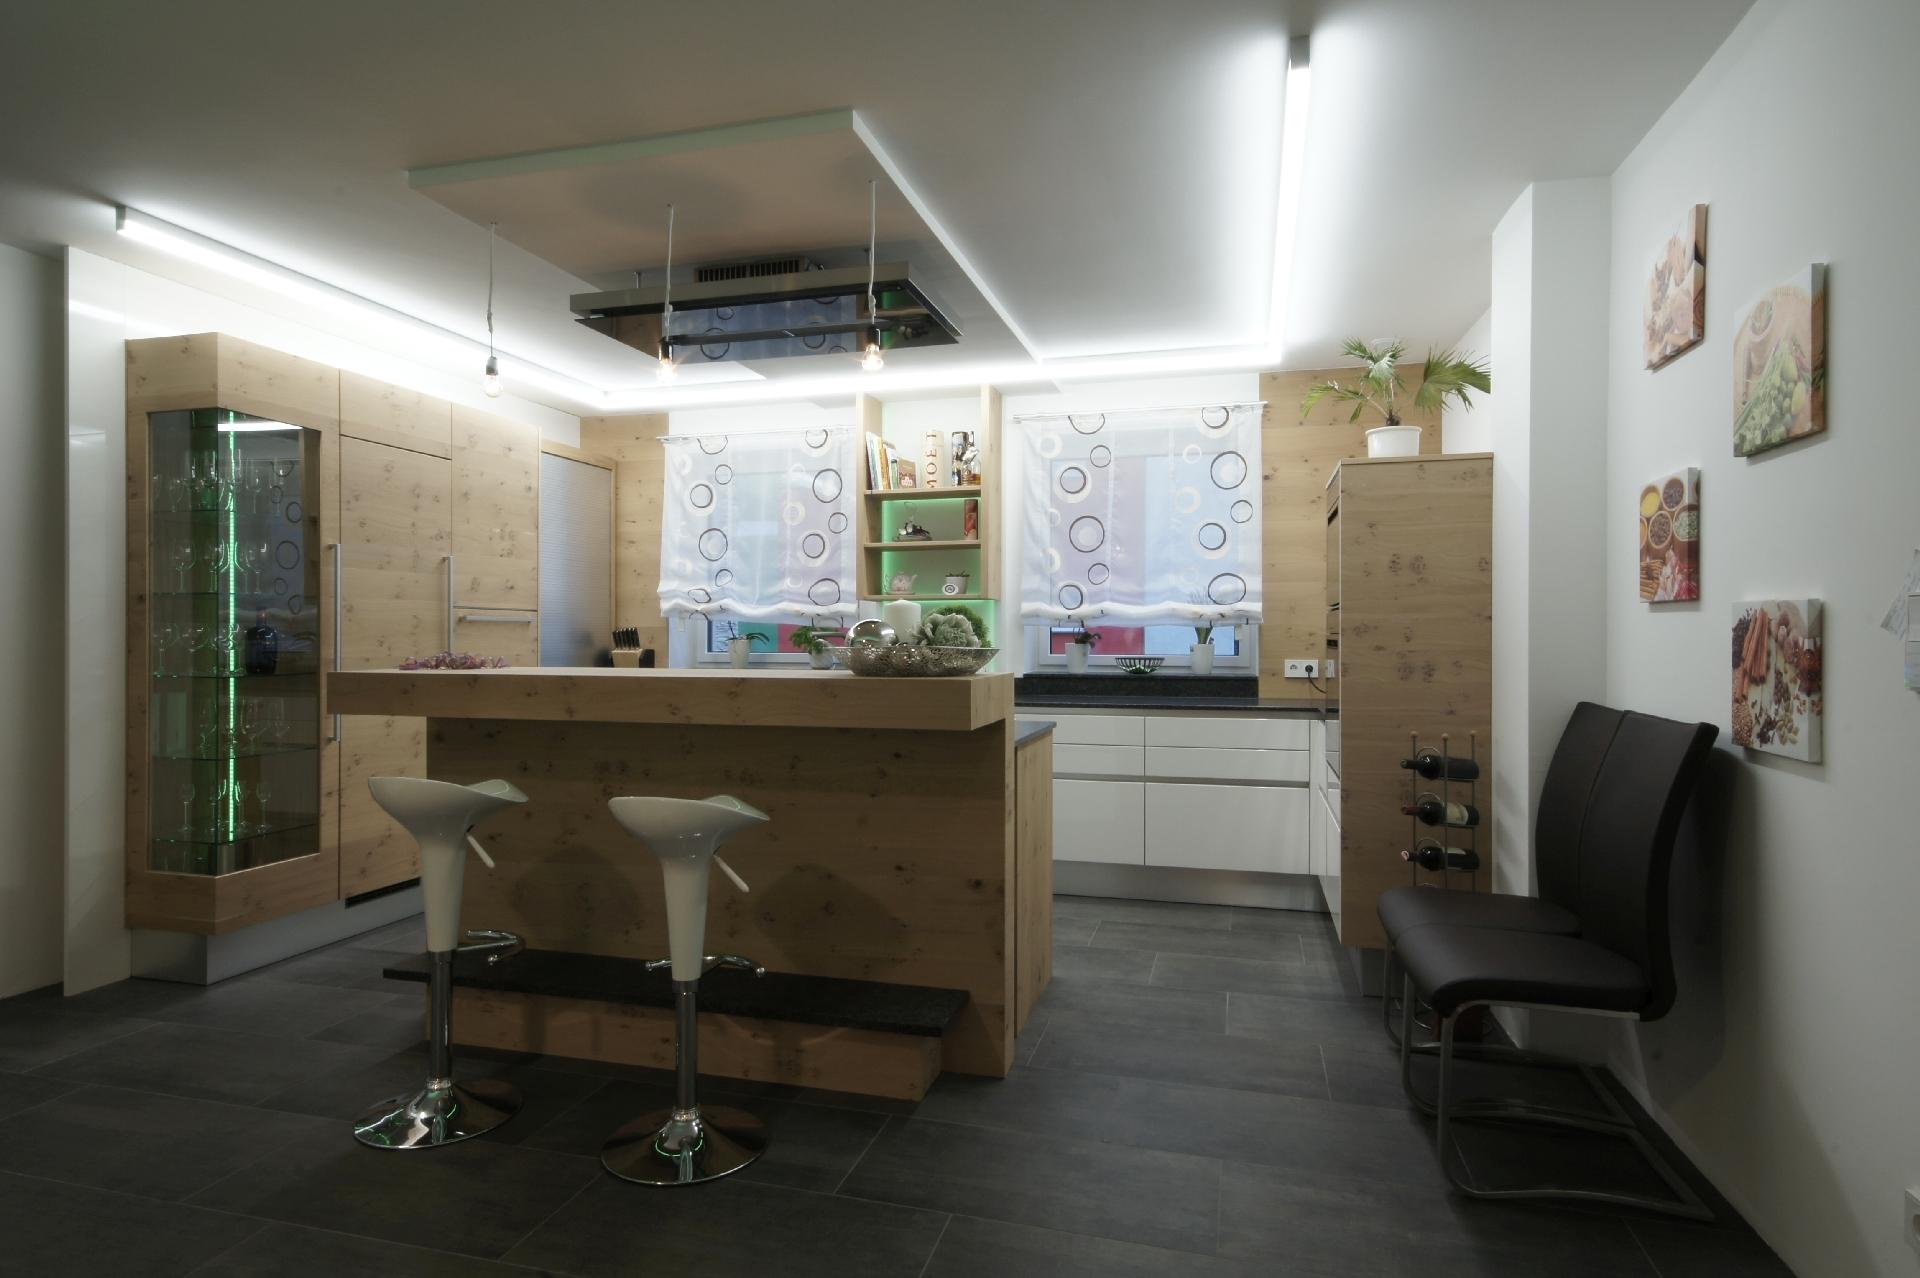 Küche HAU - Haus & Wohnen - REFERENZEN - boehmmoebel.at